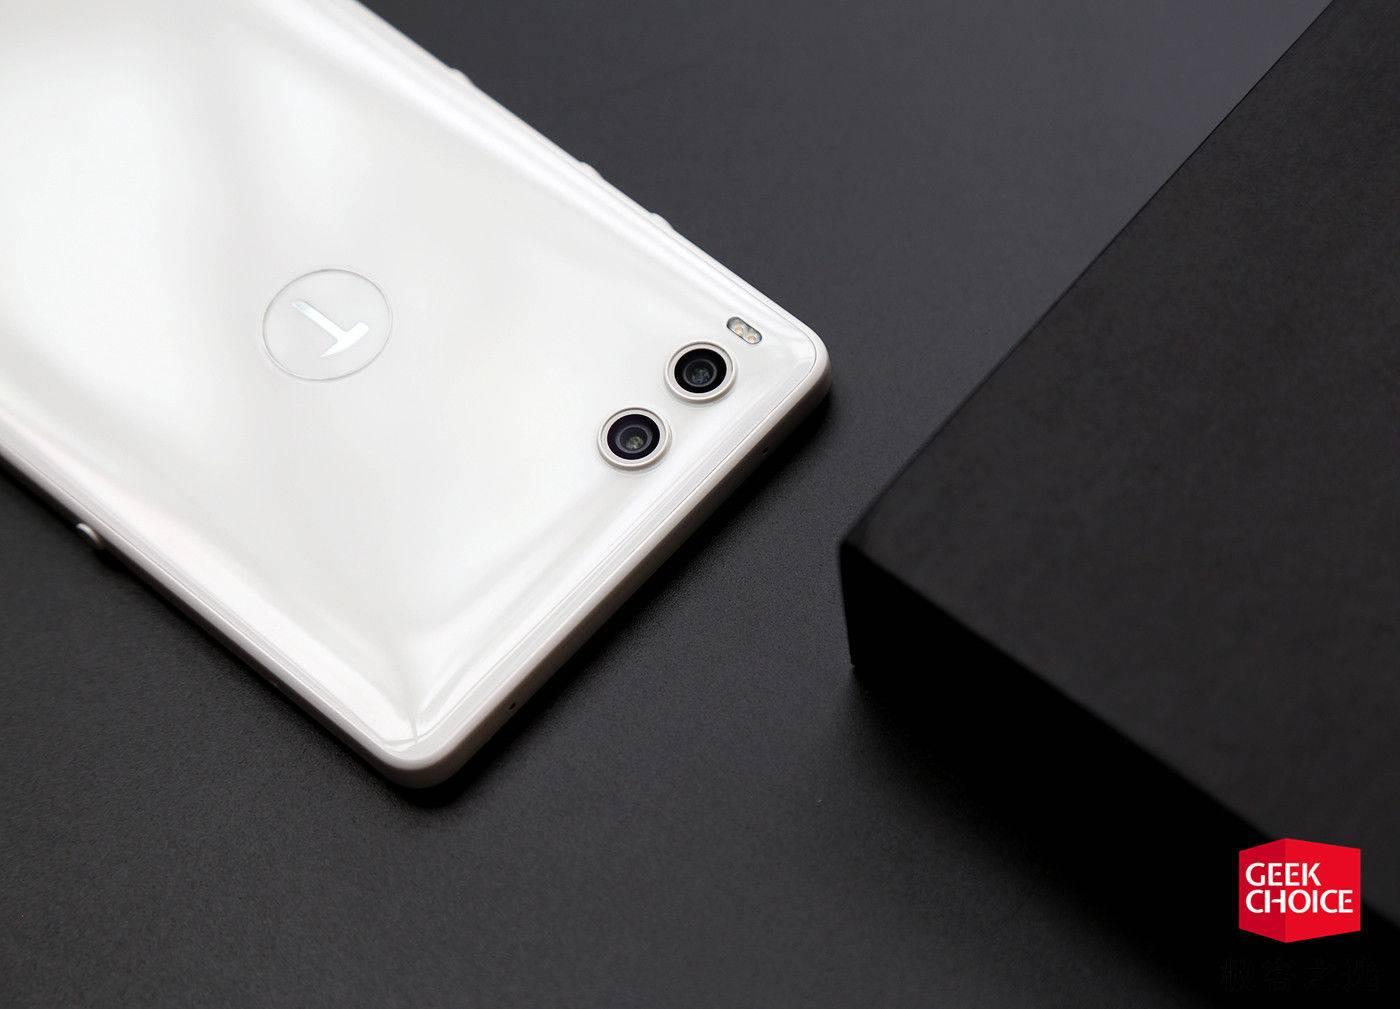 坚果R1纯白色版图赏:迄今为止最好看的锤子手机